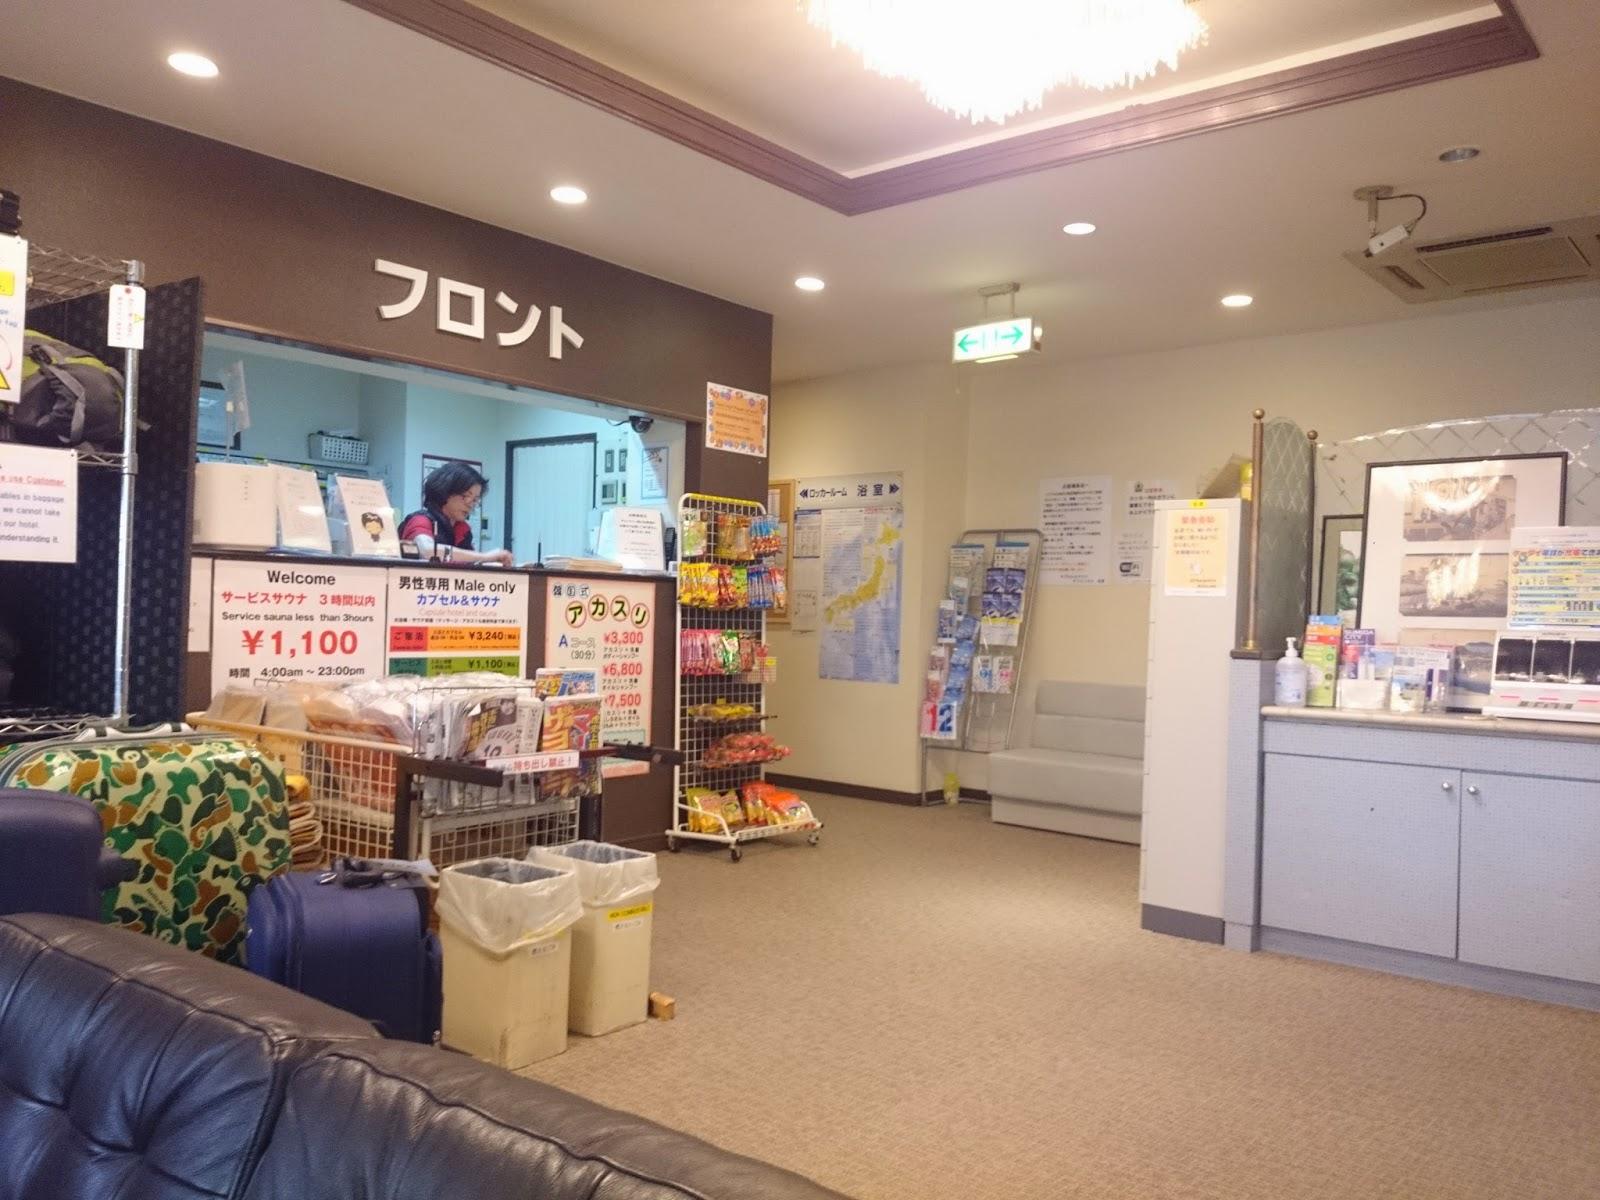 Tokyo Osaka Capsule Hotel Yang Perlu Kamu Tau Jalan 365 Samsung Galaxy J1 Mini Bundling Telkomsel Pertama Di Daerah Ueno Namanya And Sauna Oriental Men Only Rp220rb Malem